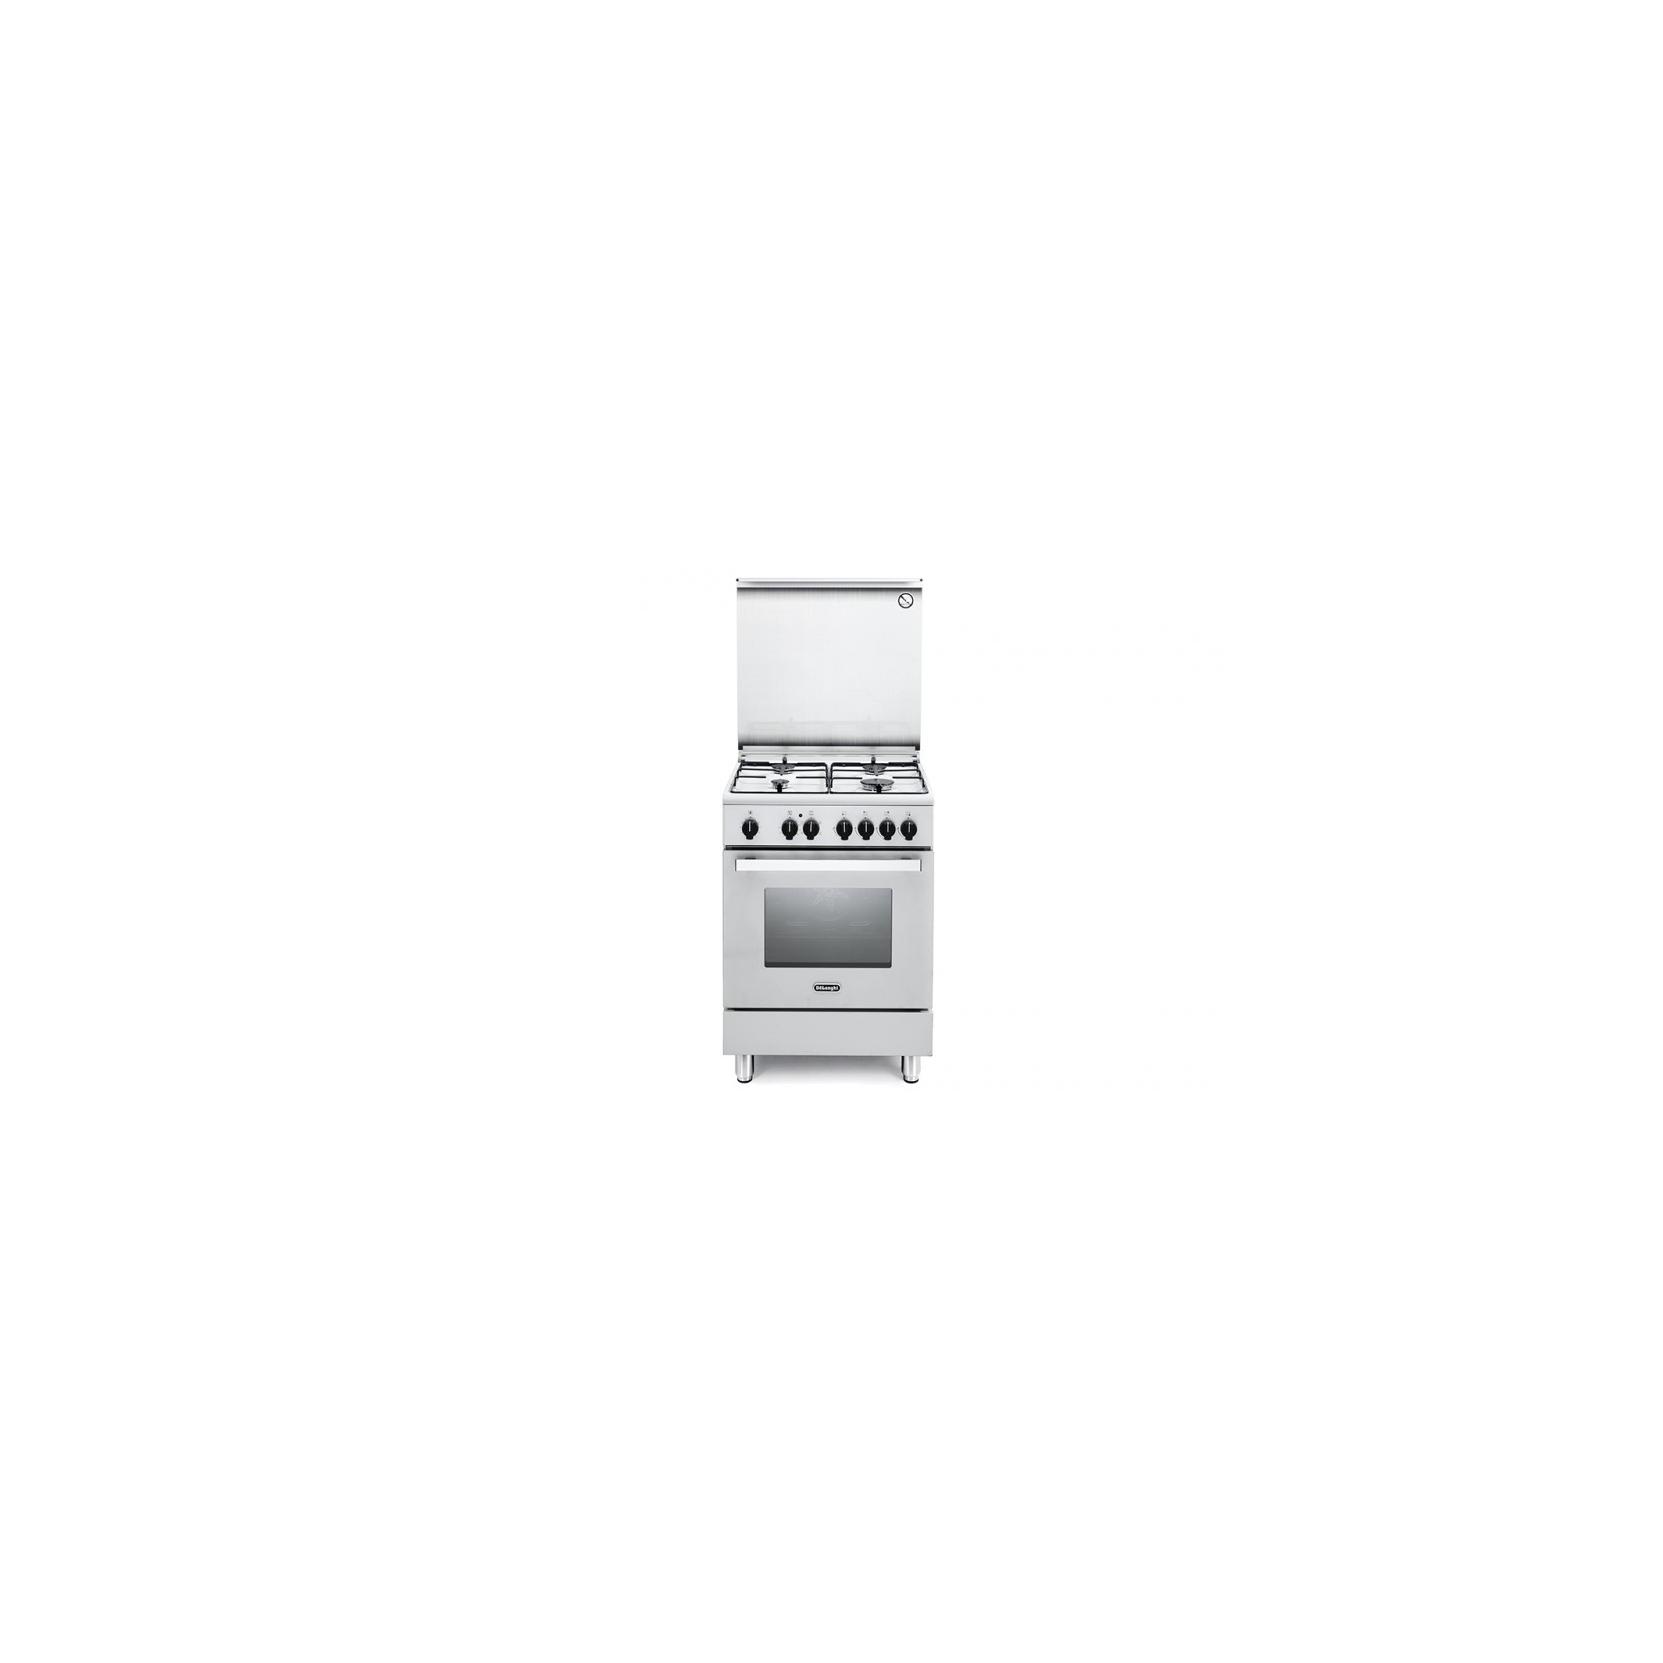 Cucina de longhi dmw64 60x60 4 fuochi forno elettrico multifunzione bianco garanzia italia - Cucina elettrica de longhi ...